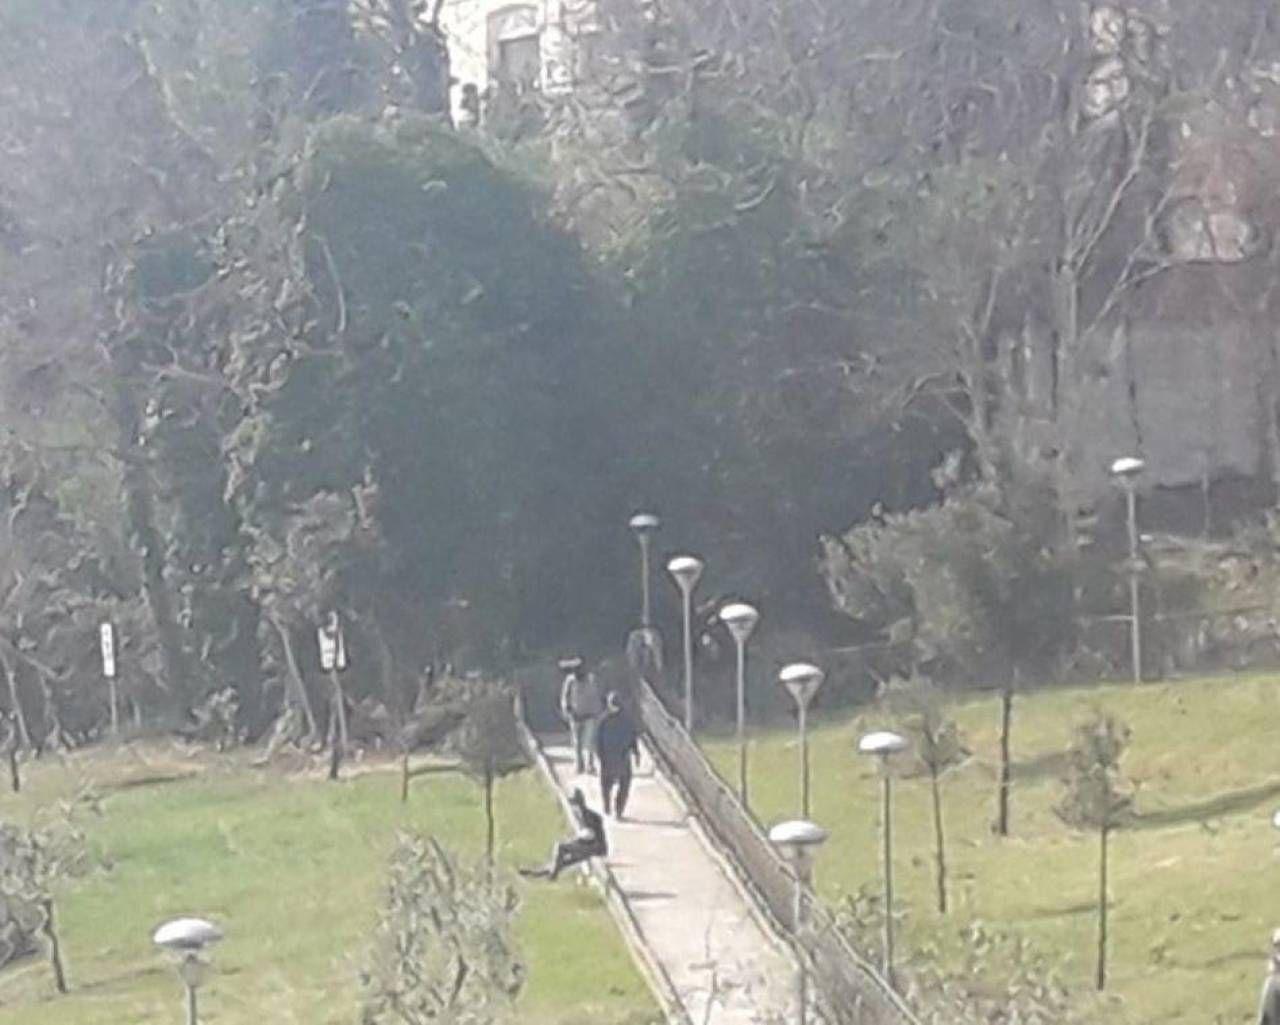 """Al Giardino Ancona bivacchi, uno scempio nel giardino della moriconi"""" - cronaca"""